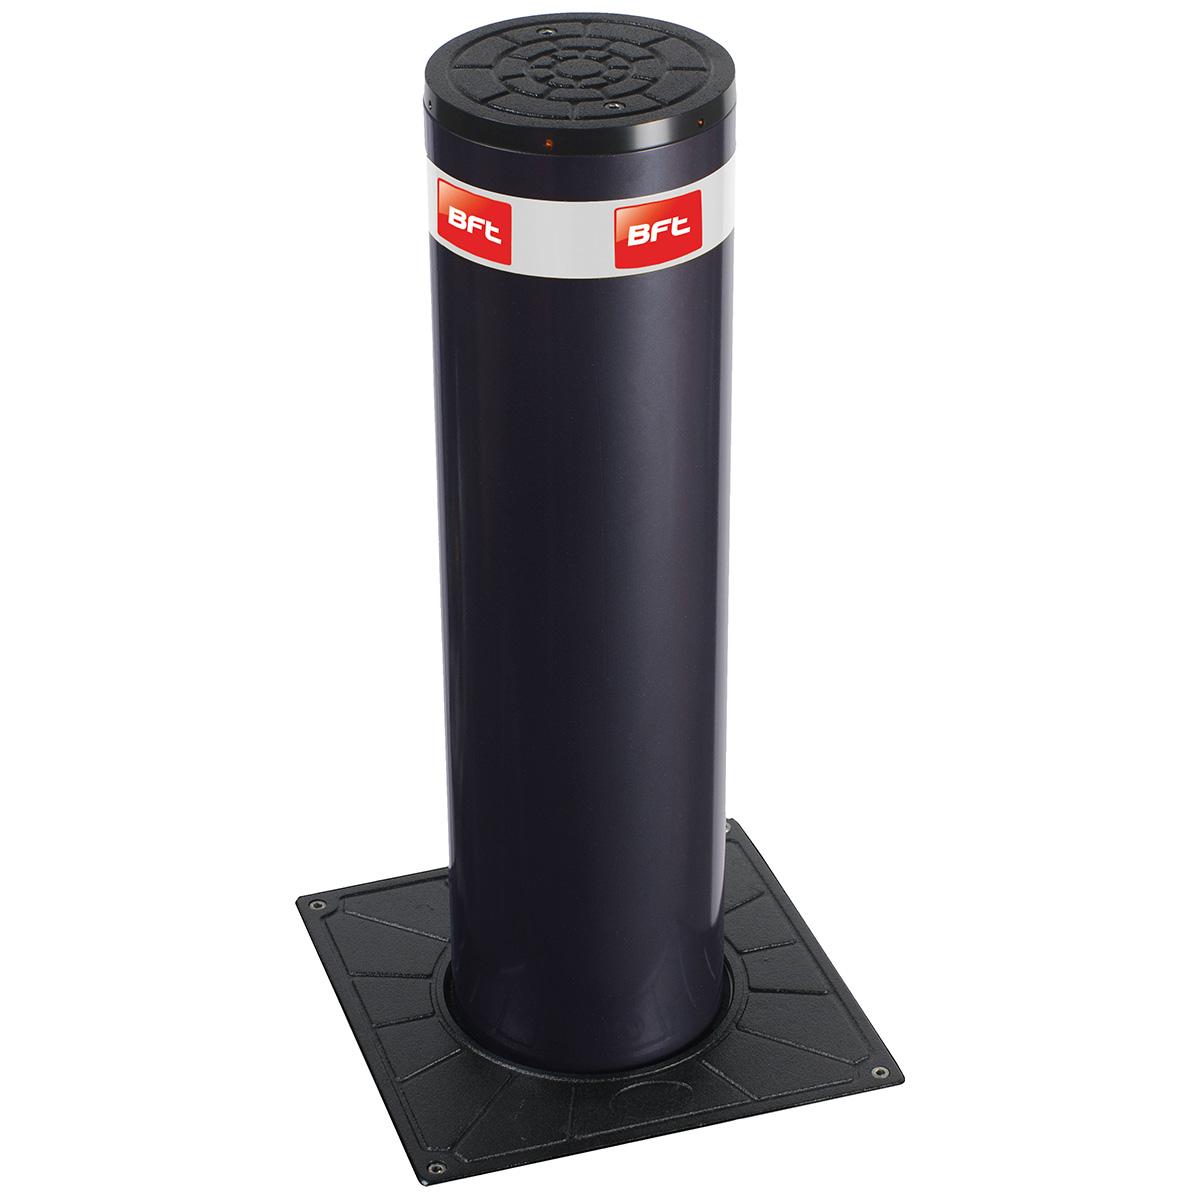 BFT Poller Stoppy B 115/500